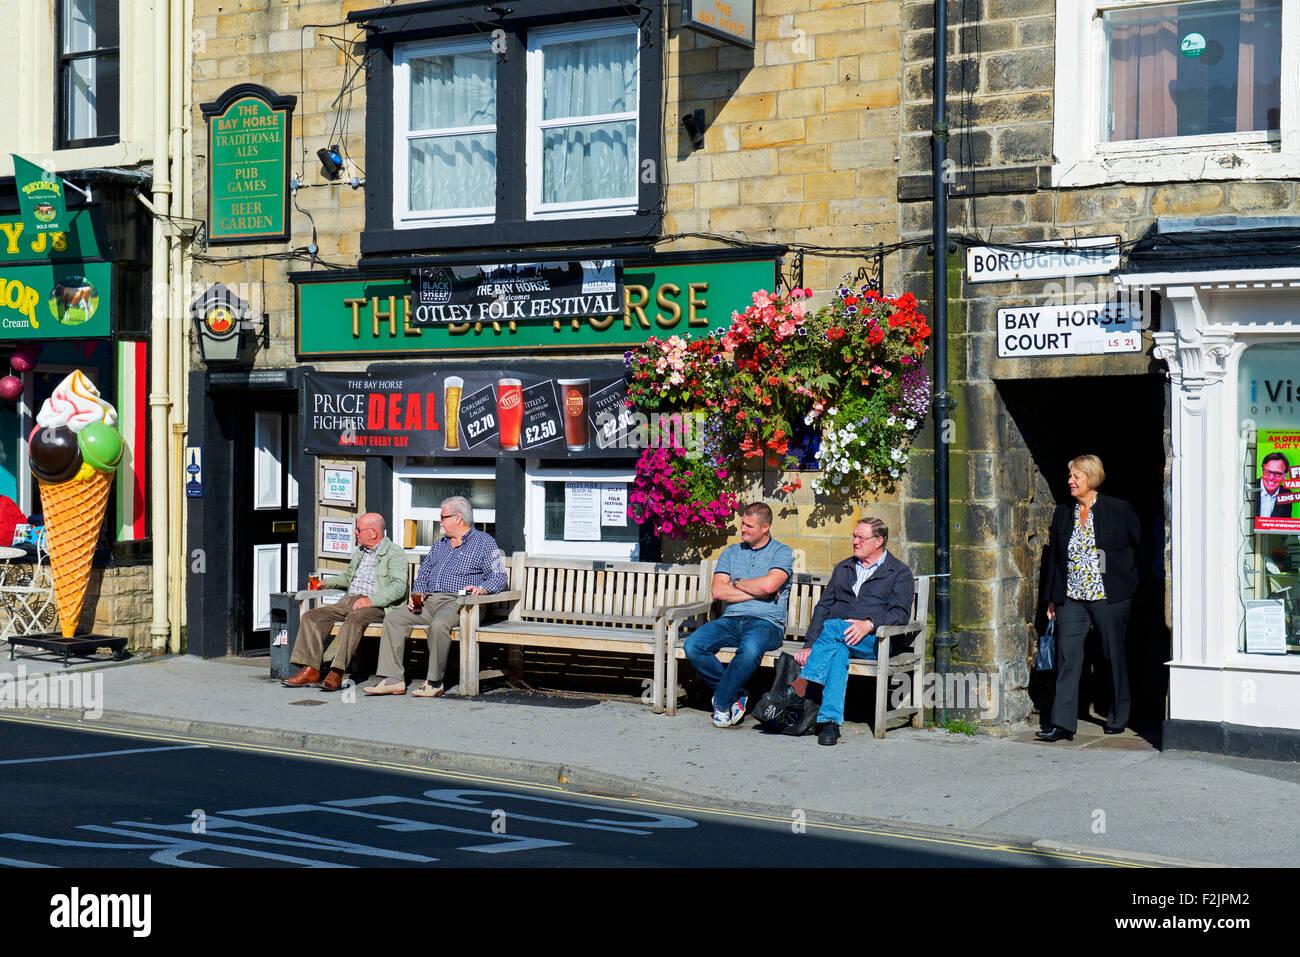 The Bay Horse Pub, Otley, West Yorkshire, England UK - Stock Image